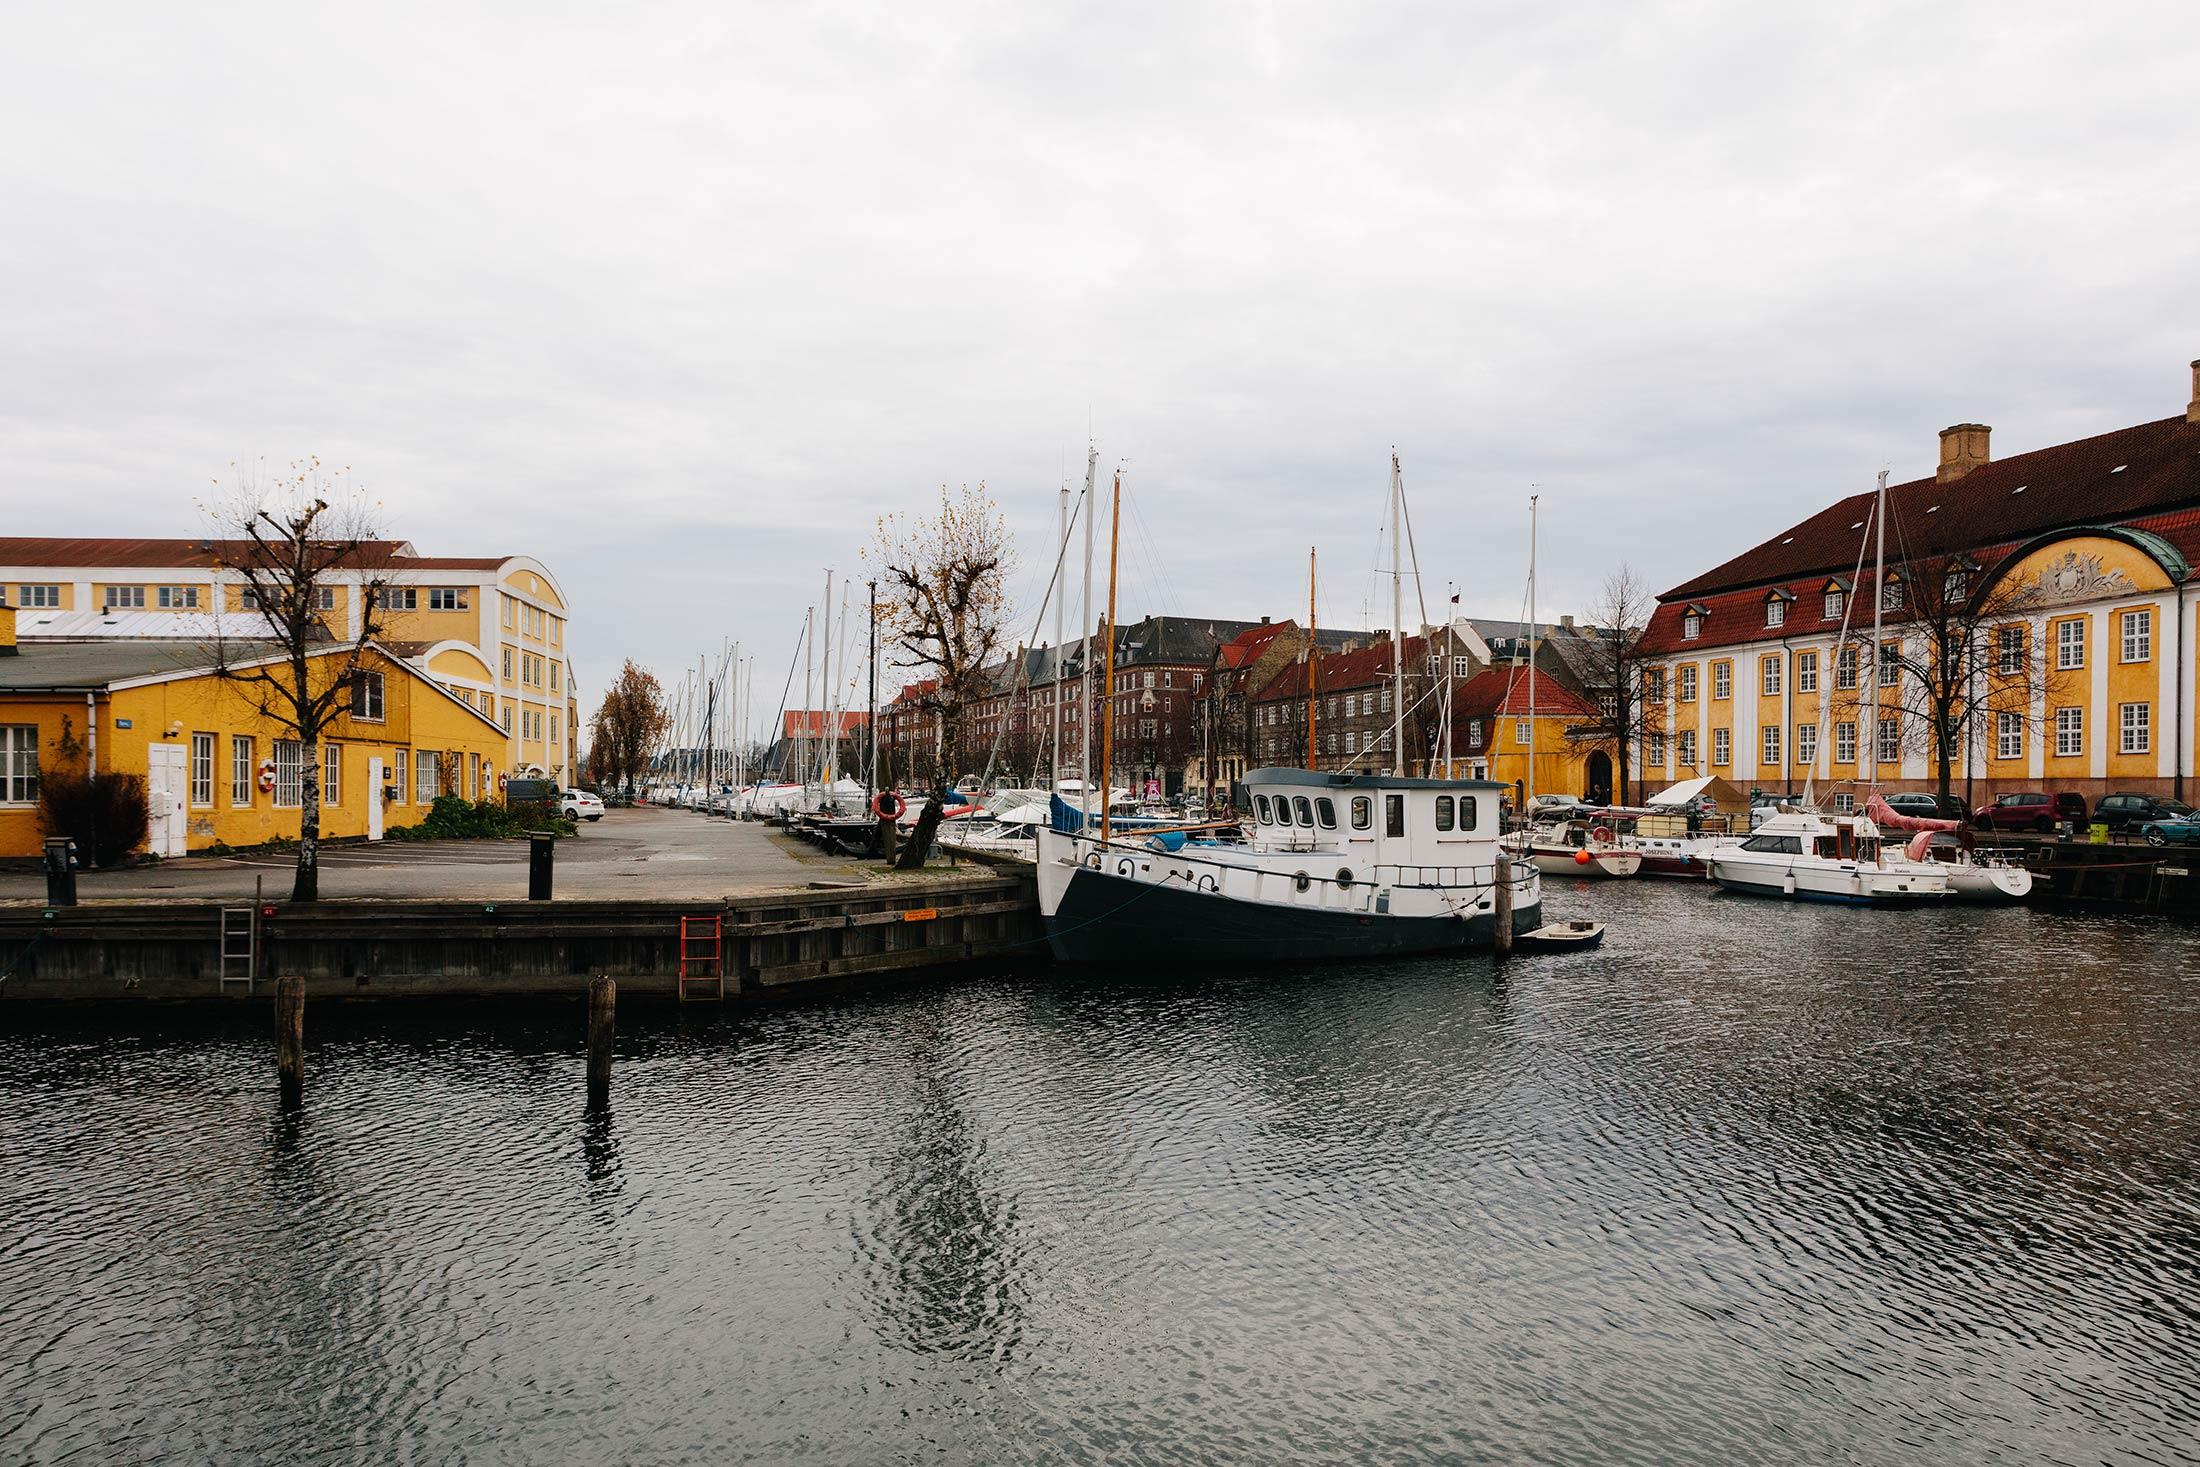 CPH_Kopenhagen_13-Mitja_Schneehage